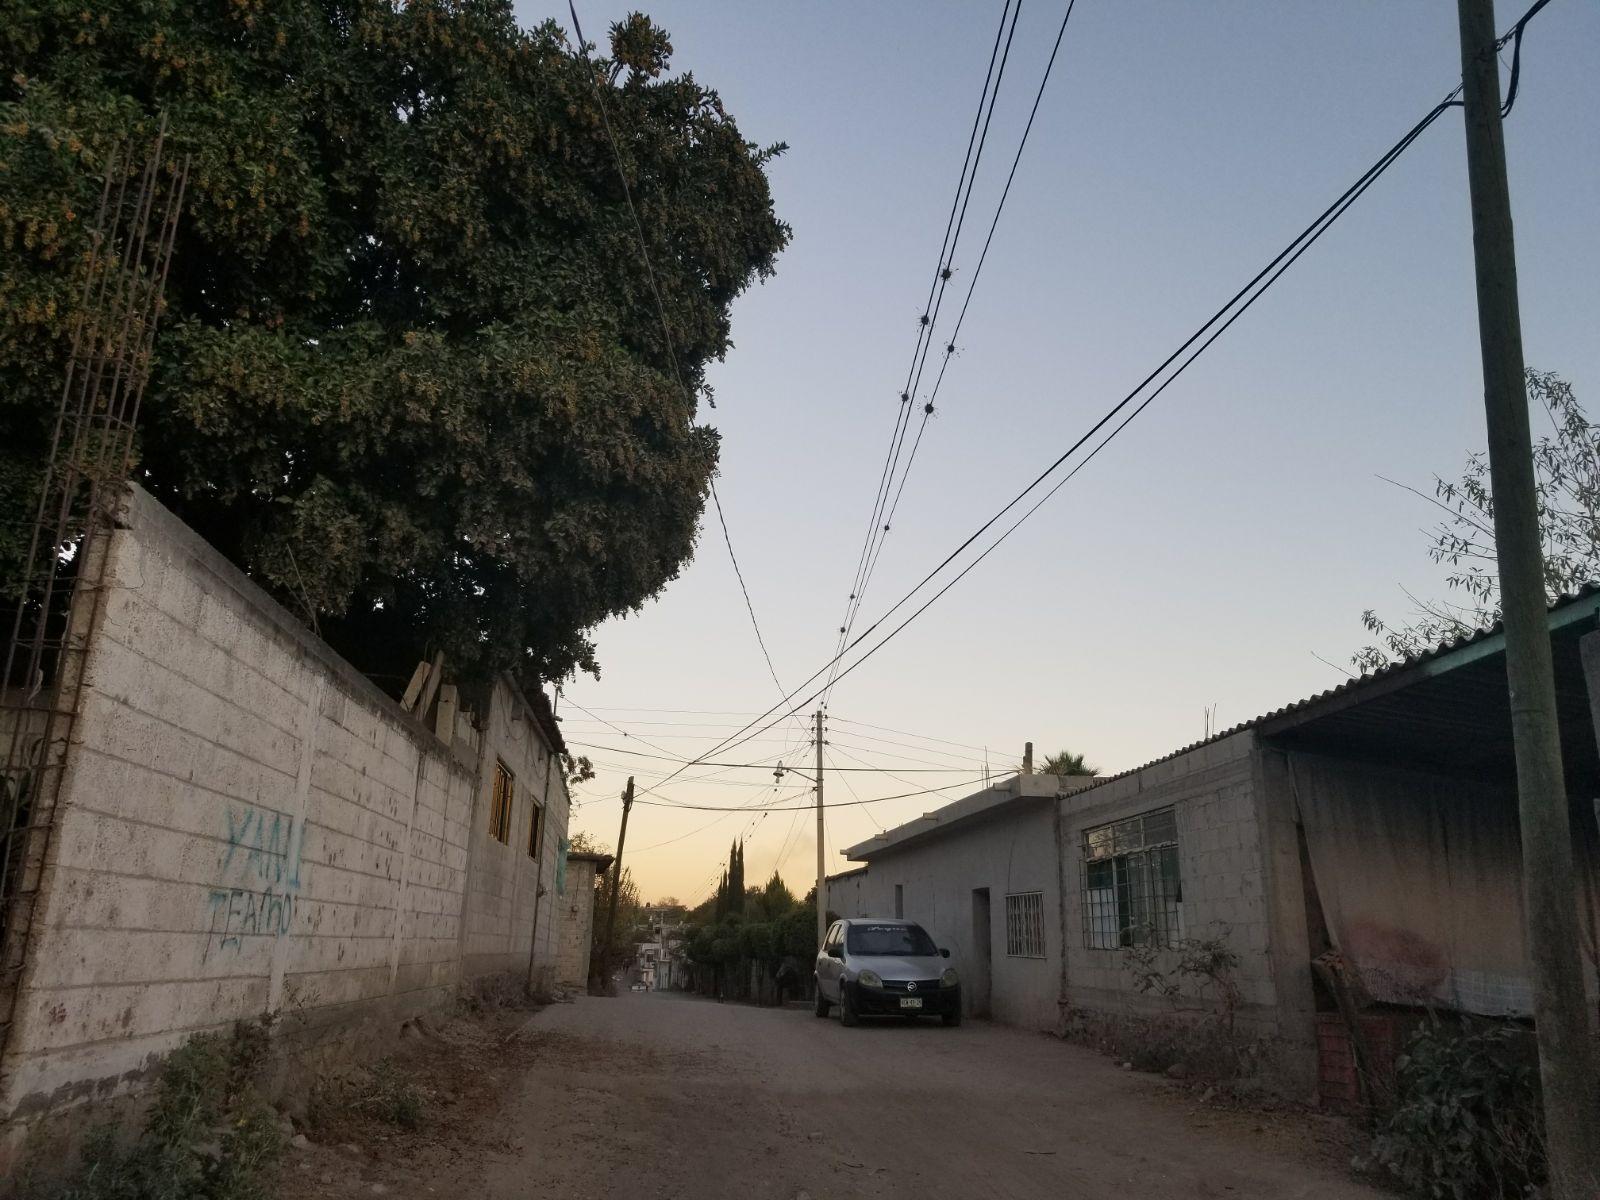 A corner of Ixtlilco el Grande